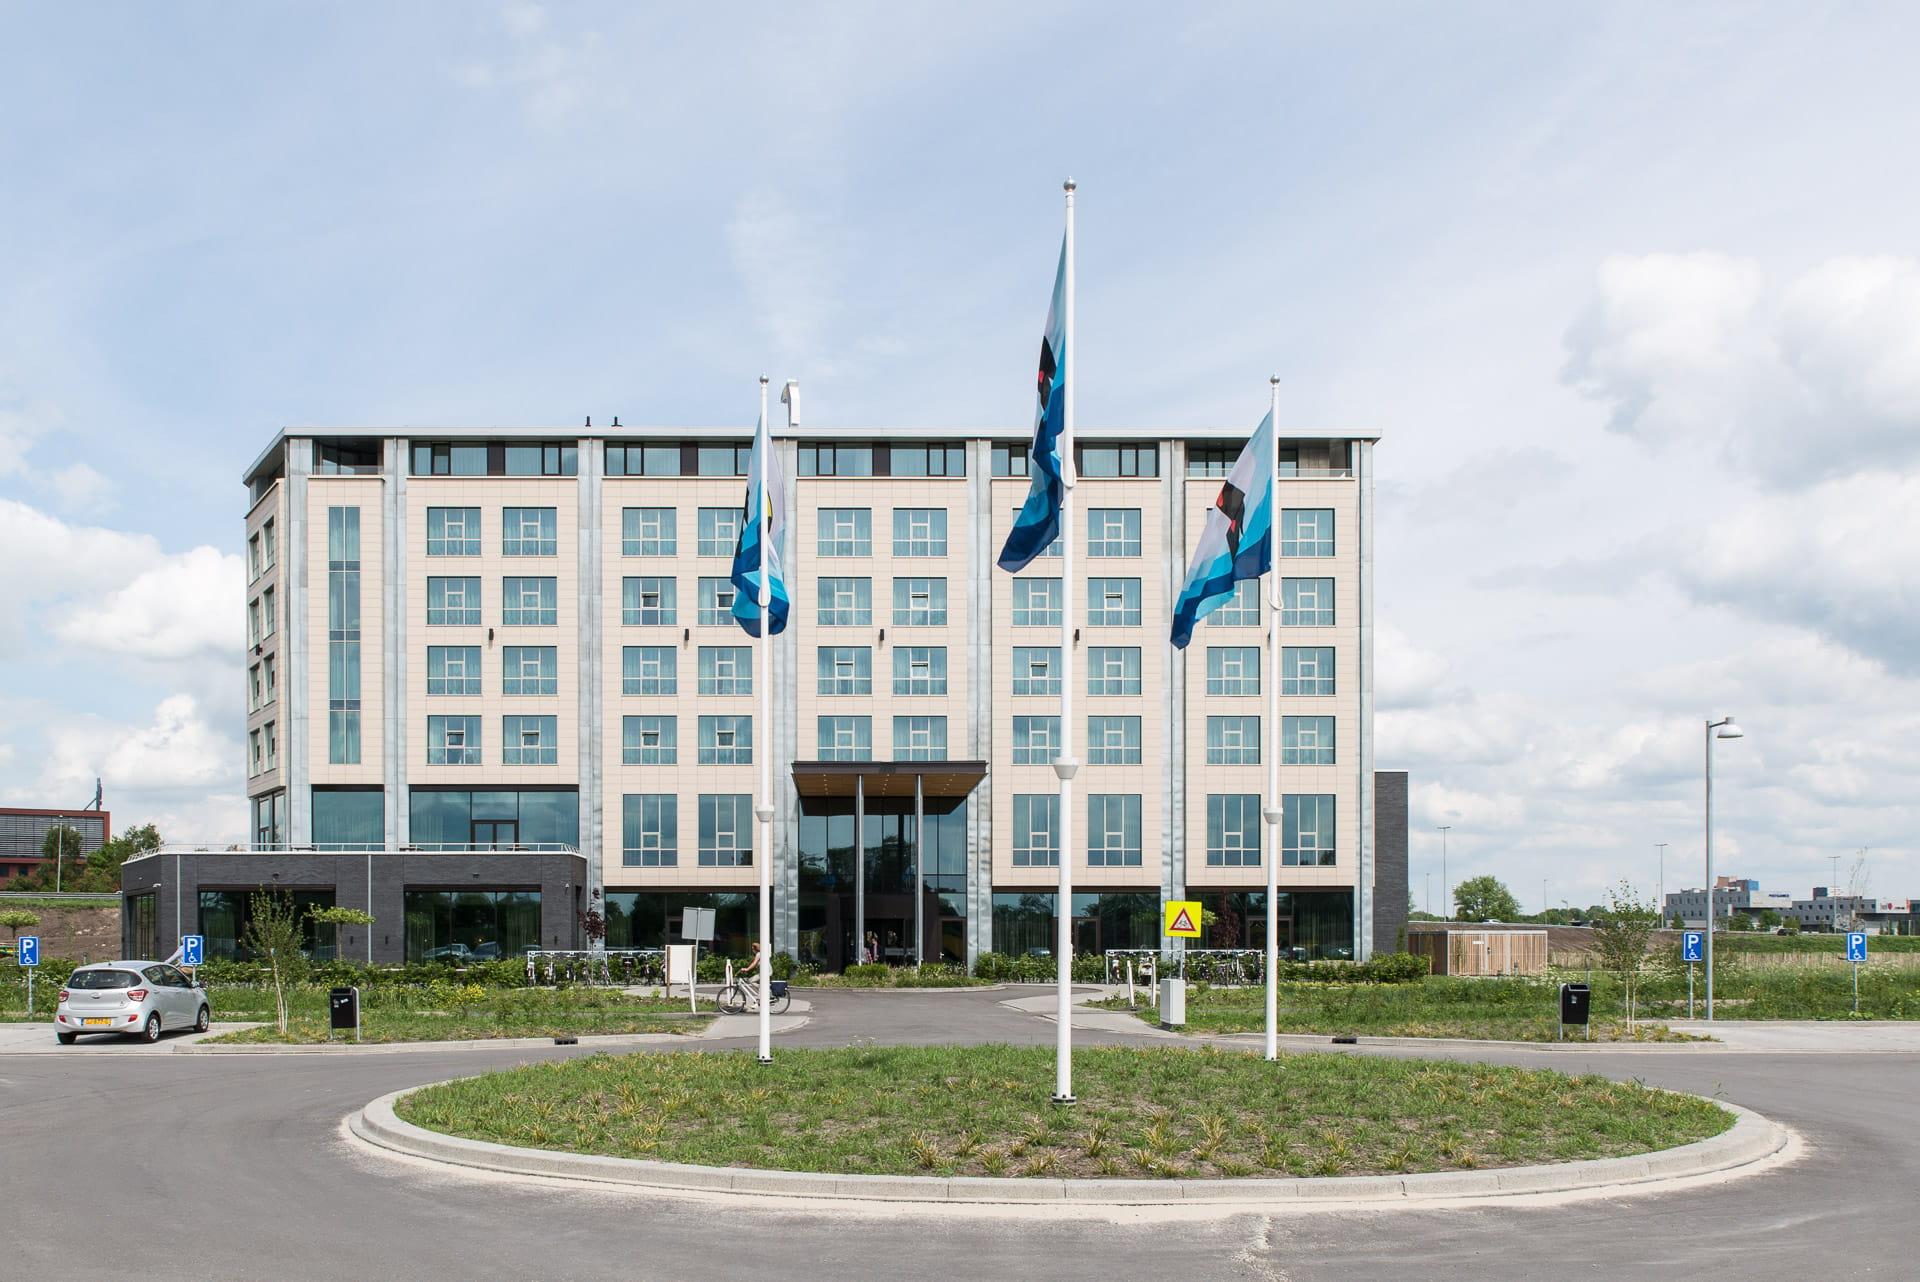 Witte gevel van het Van der Valk hotel met een rotonde op de voorgrond waarin 3 vlaggenmasten staan.